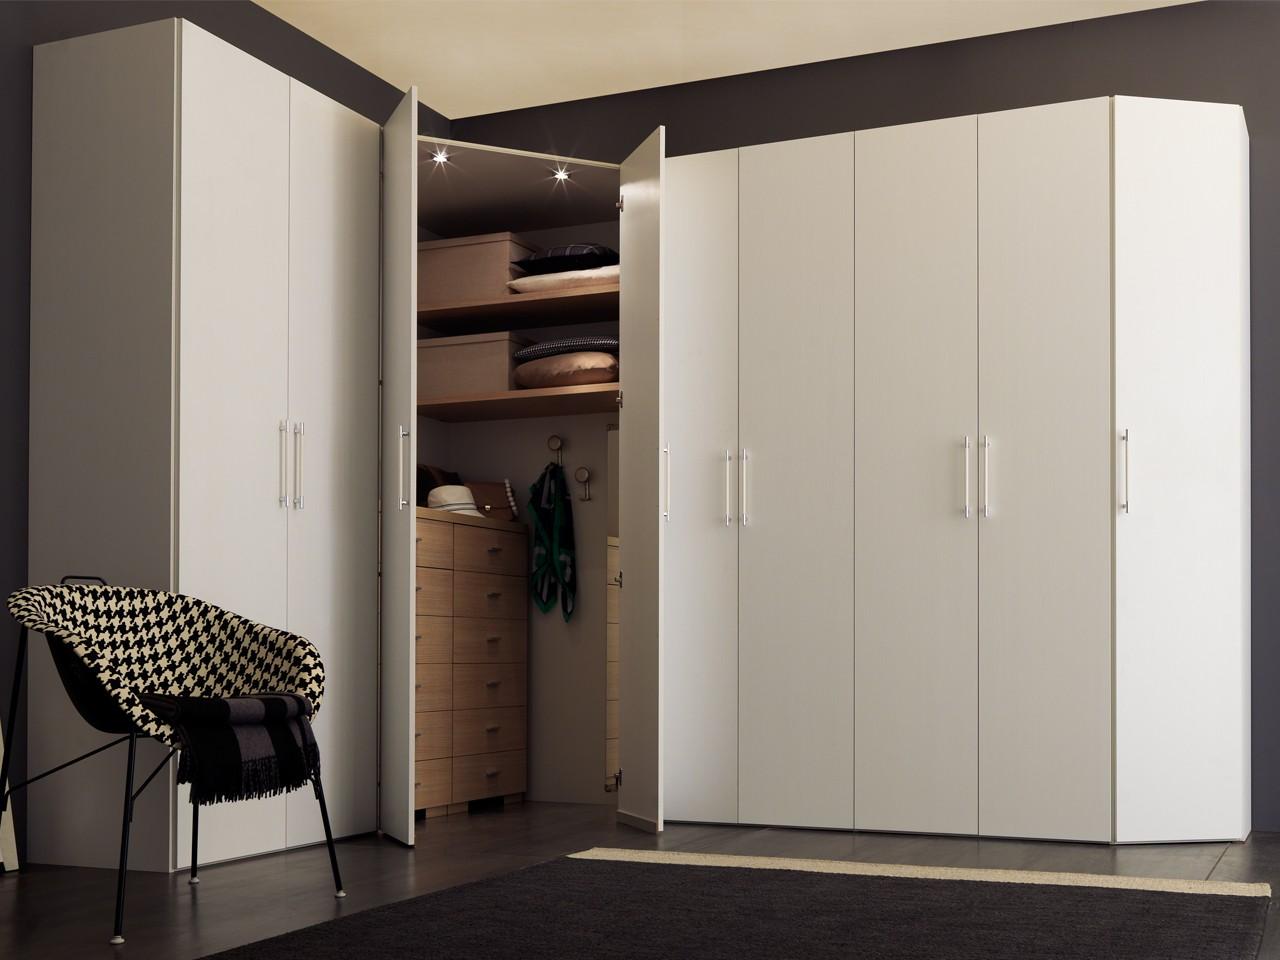 Marzua armarios esquineros - Armario para habitacion ...